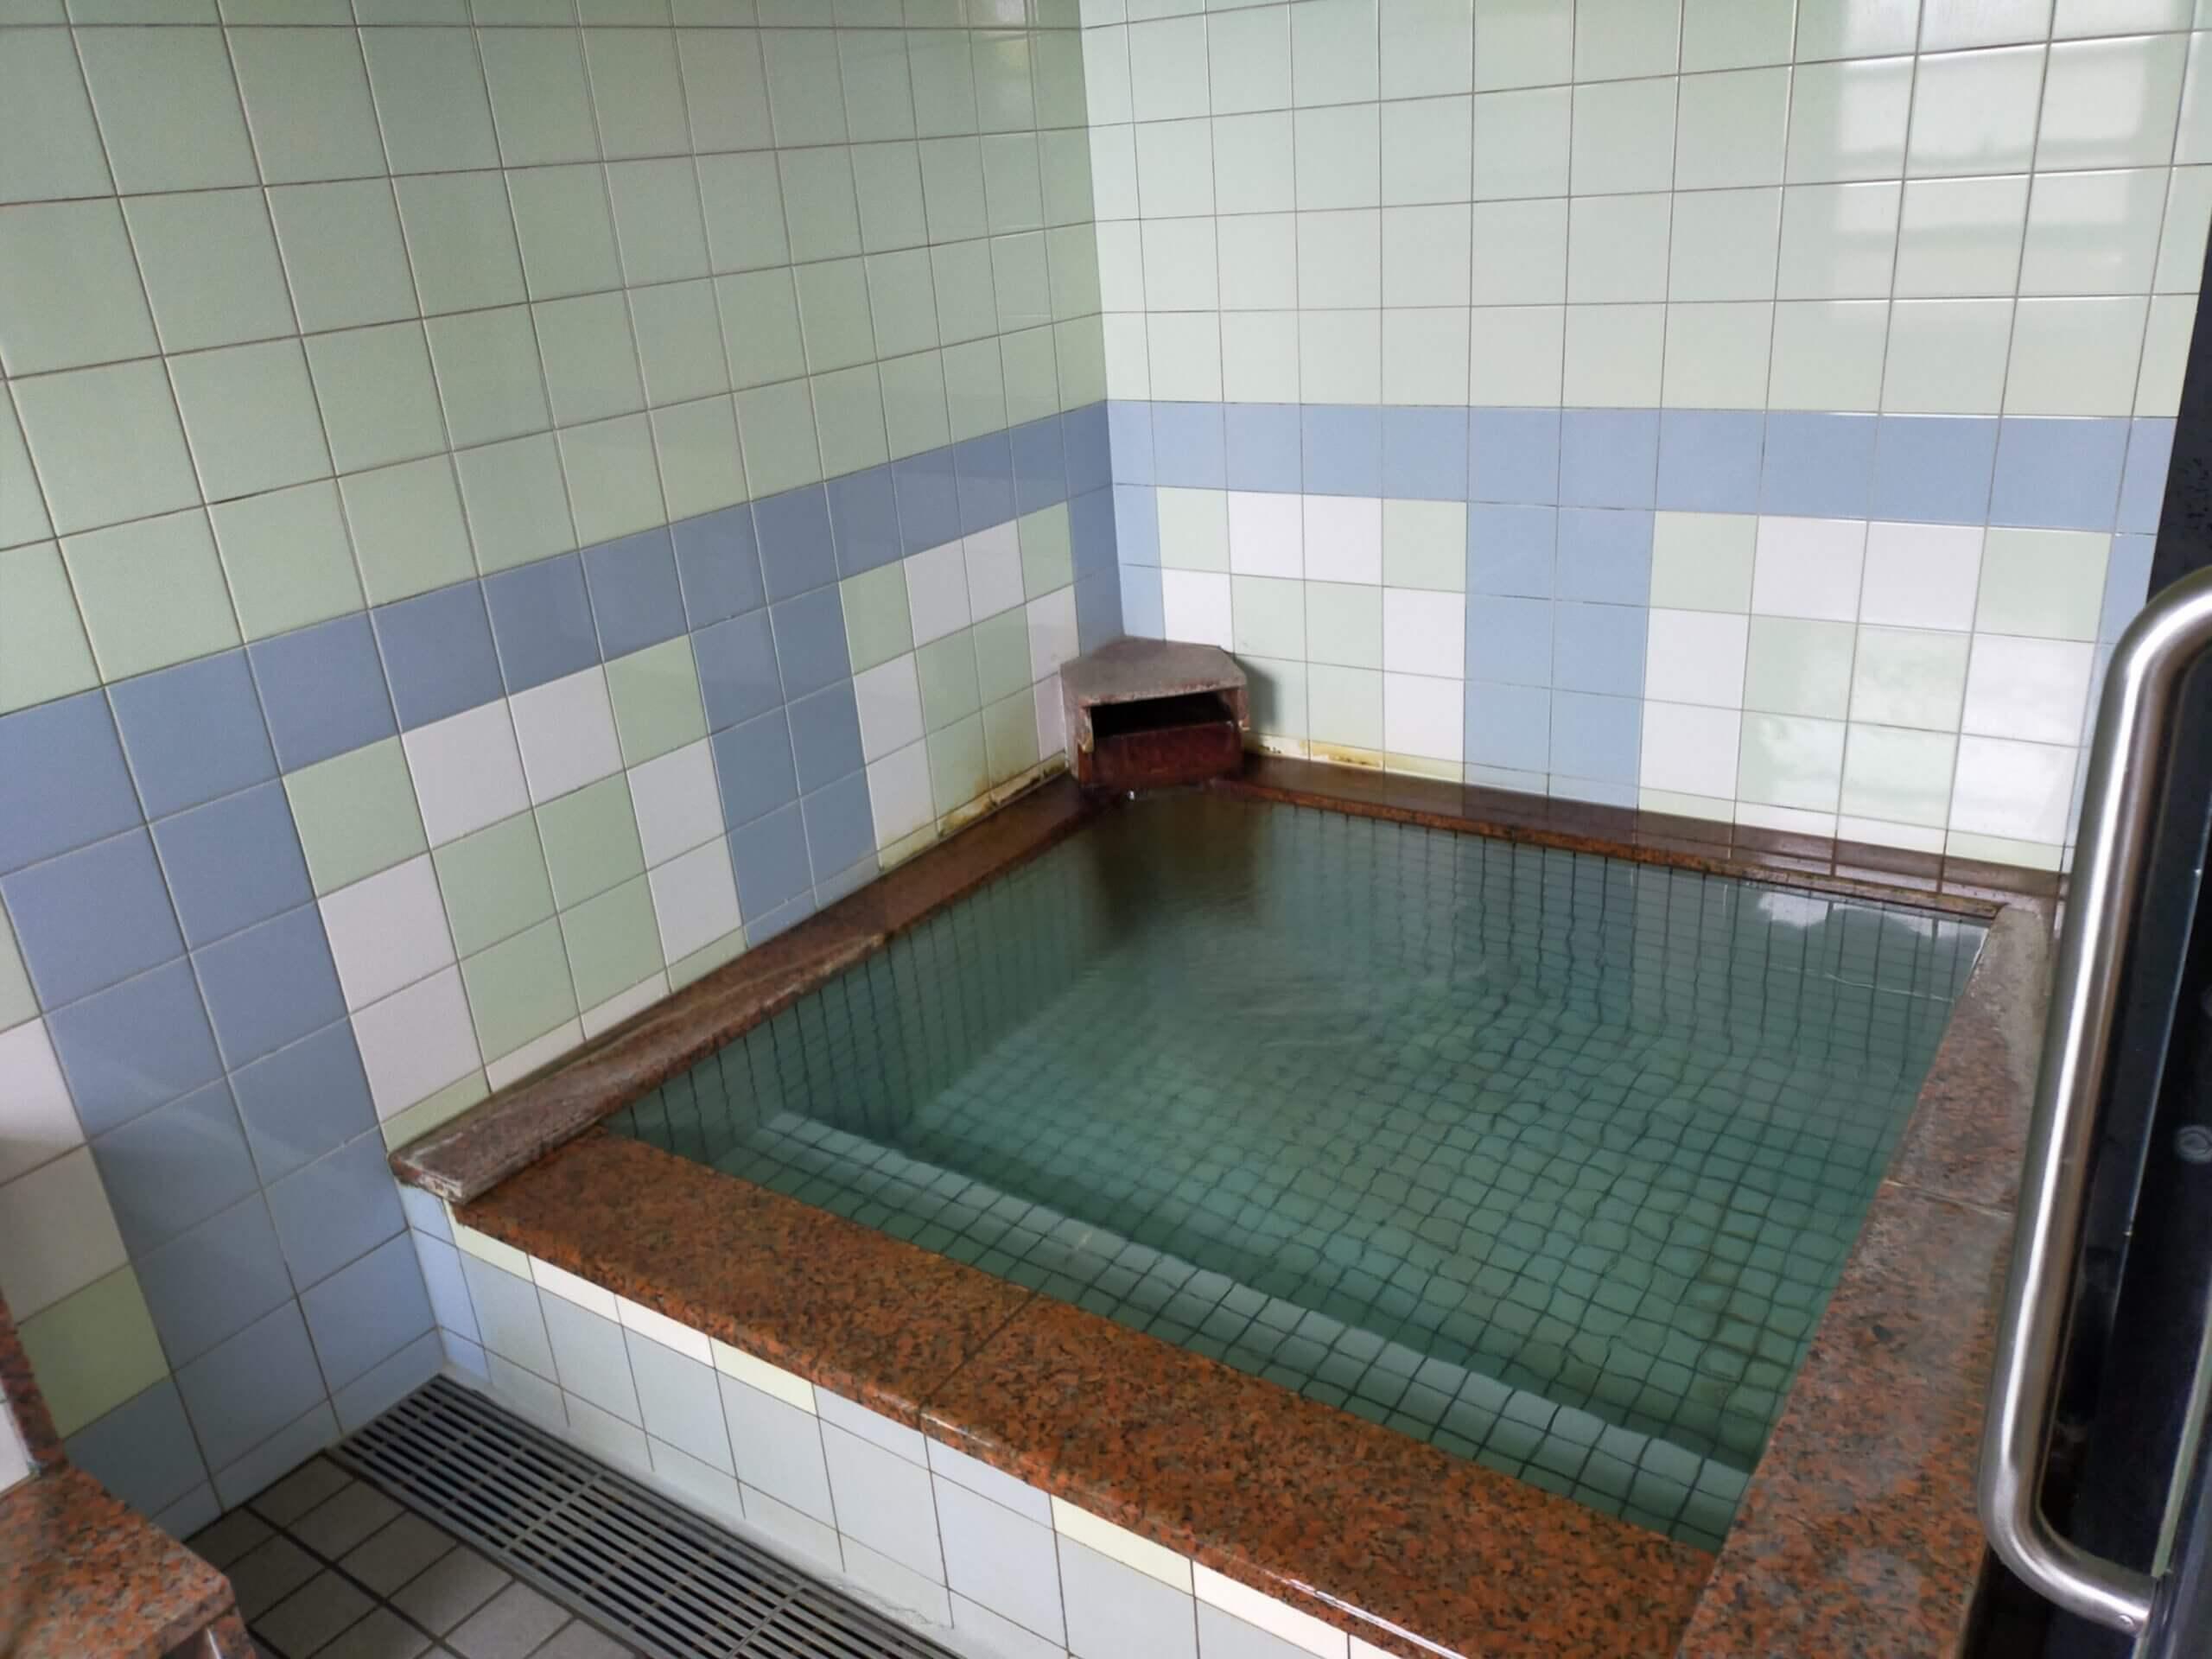 【庄屋の湯-玉名市河崎-】激安の家族湯!昔ながらの雰囲気が好きな方に~大浴場もあるよ!